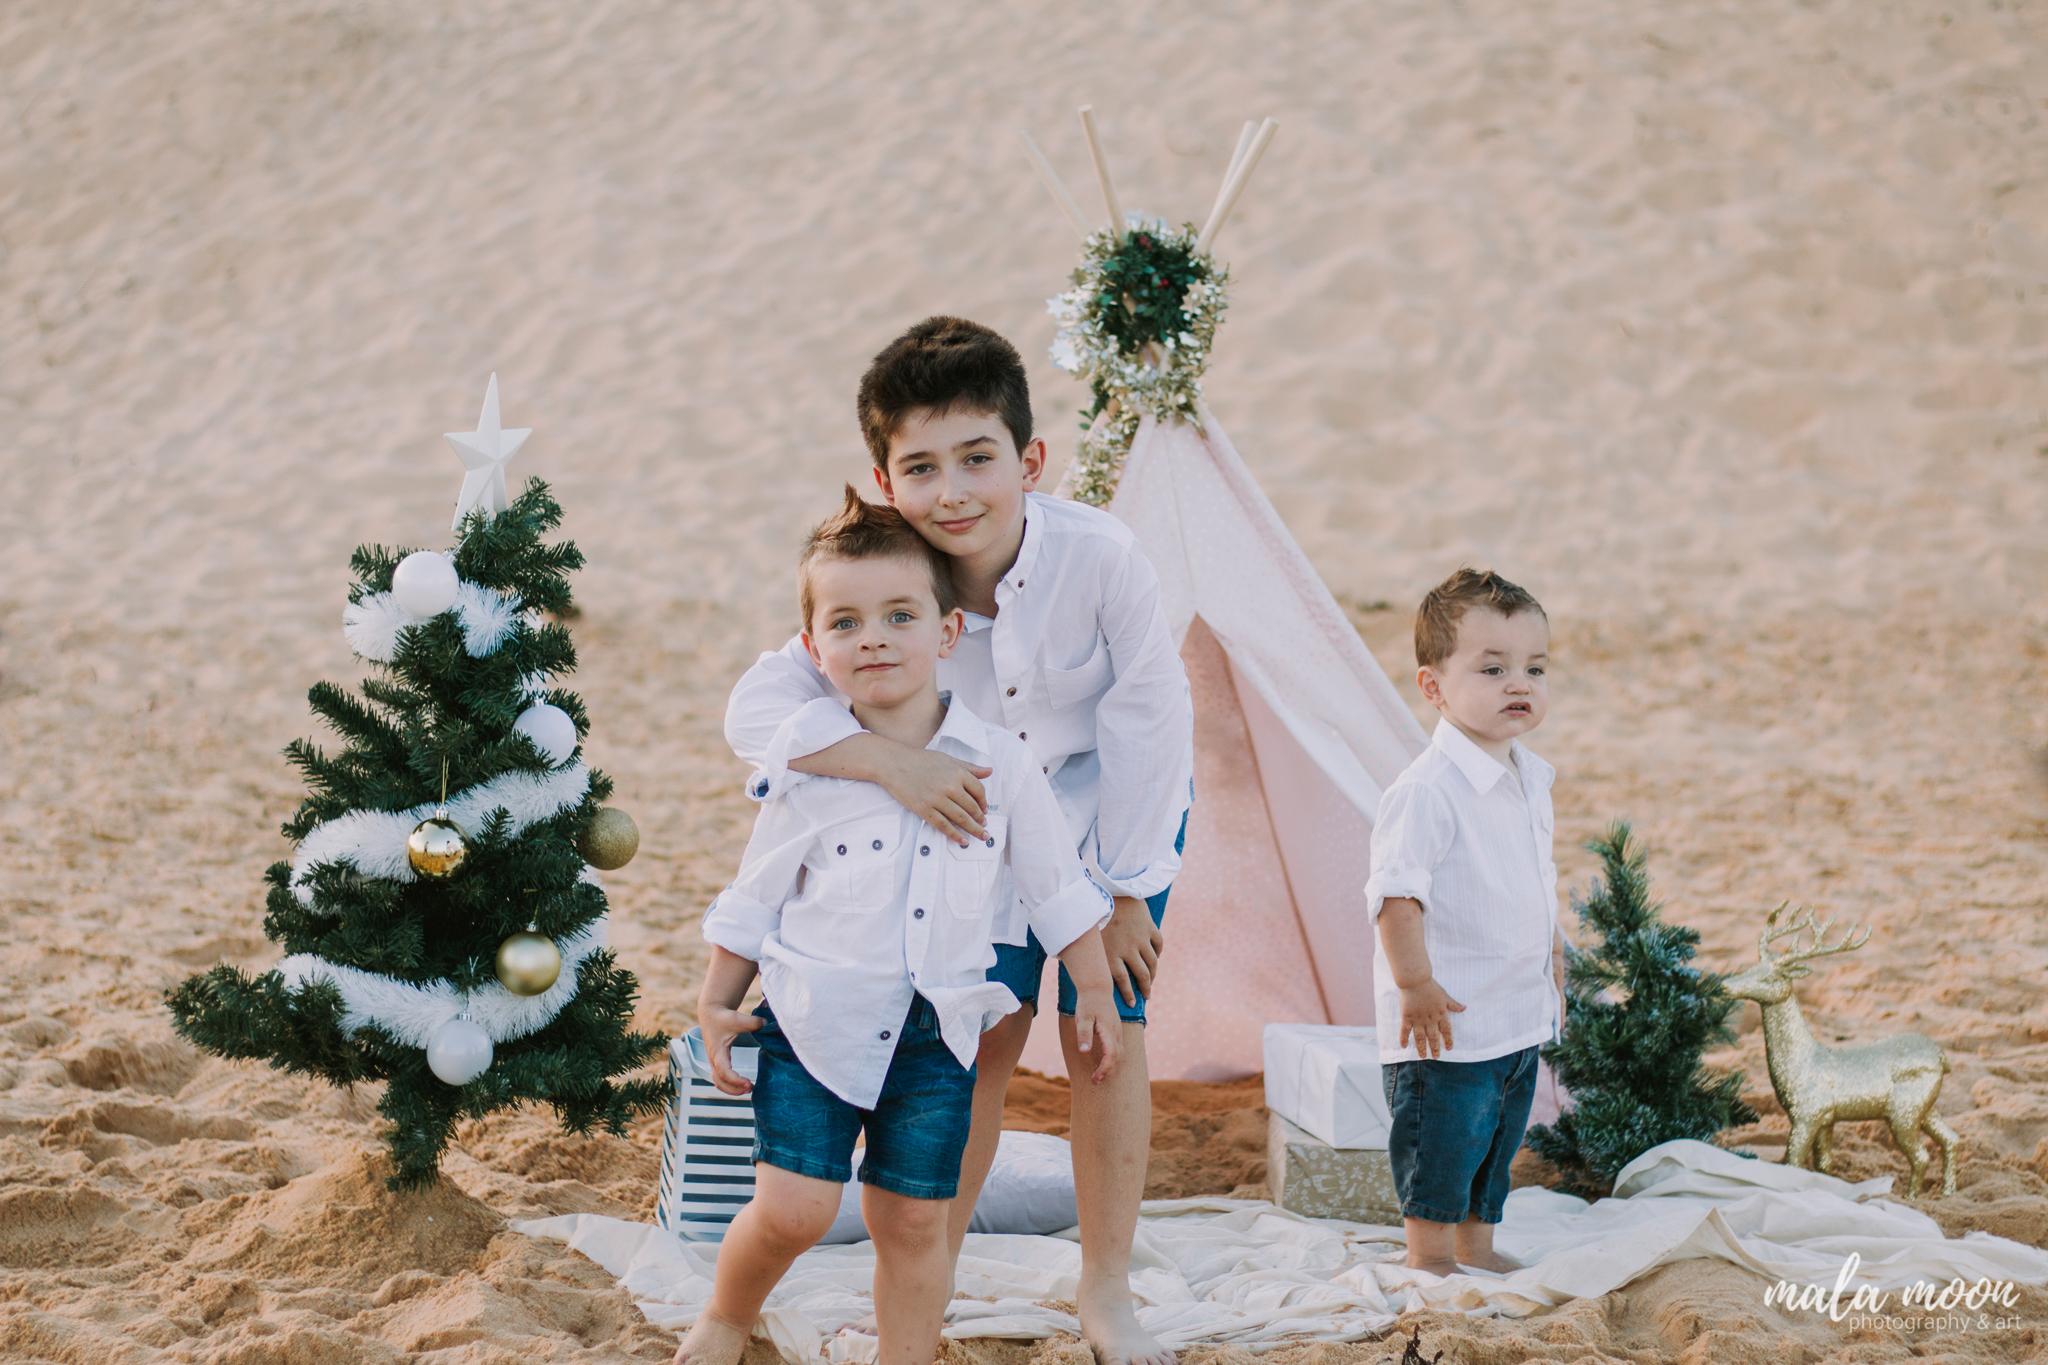 brother-christmas-photo